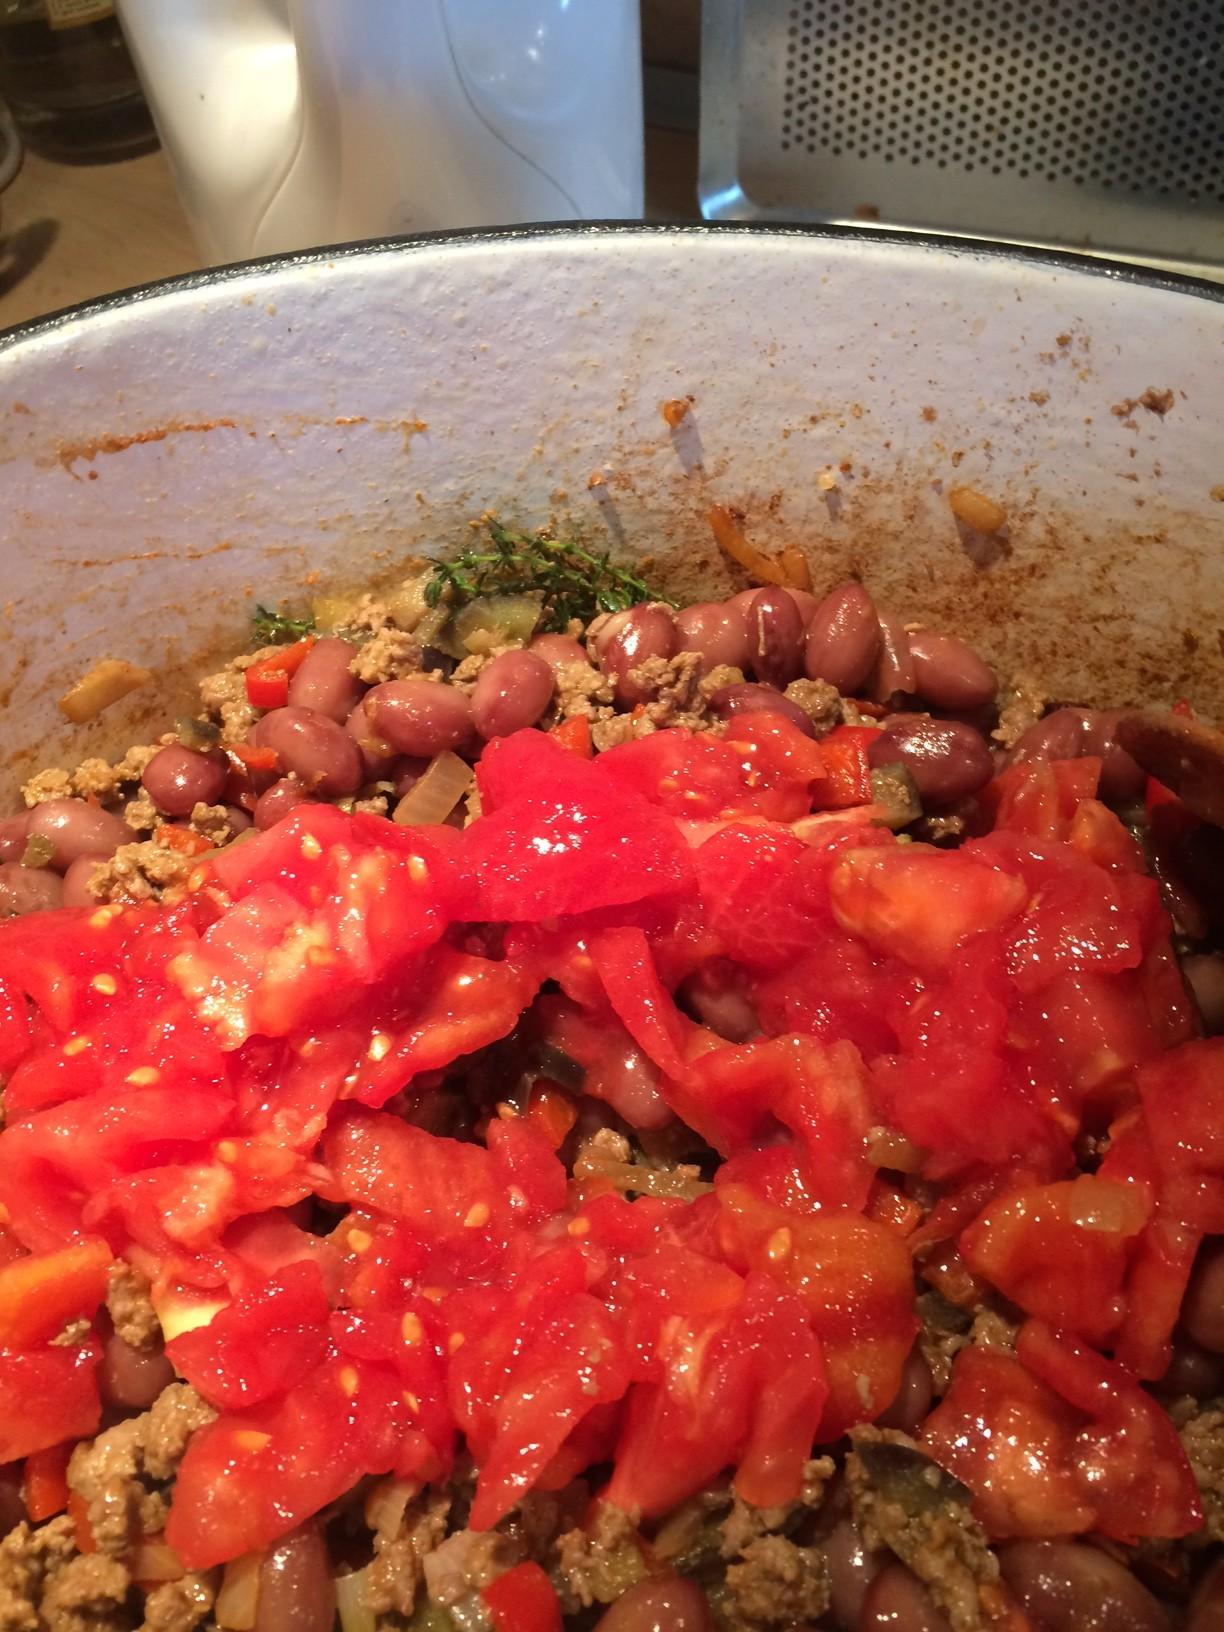 cuisson-chili